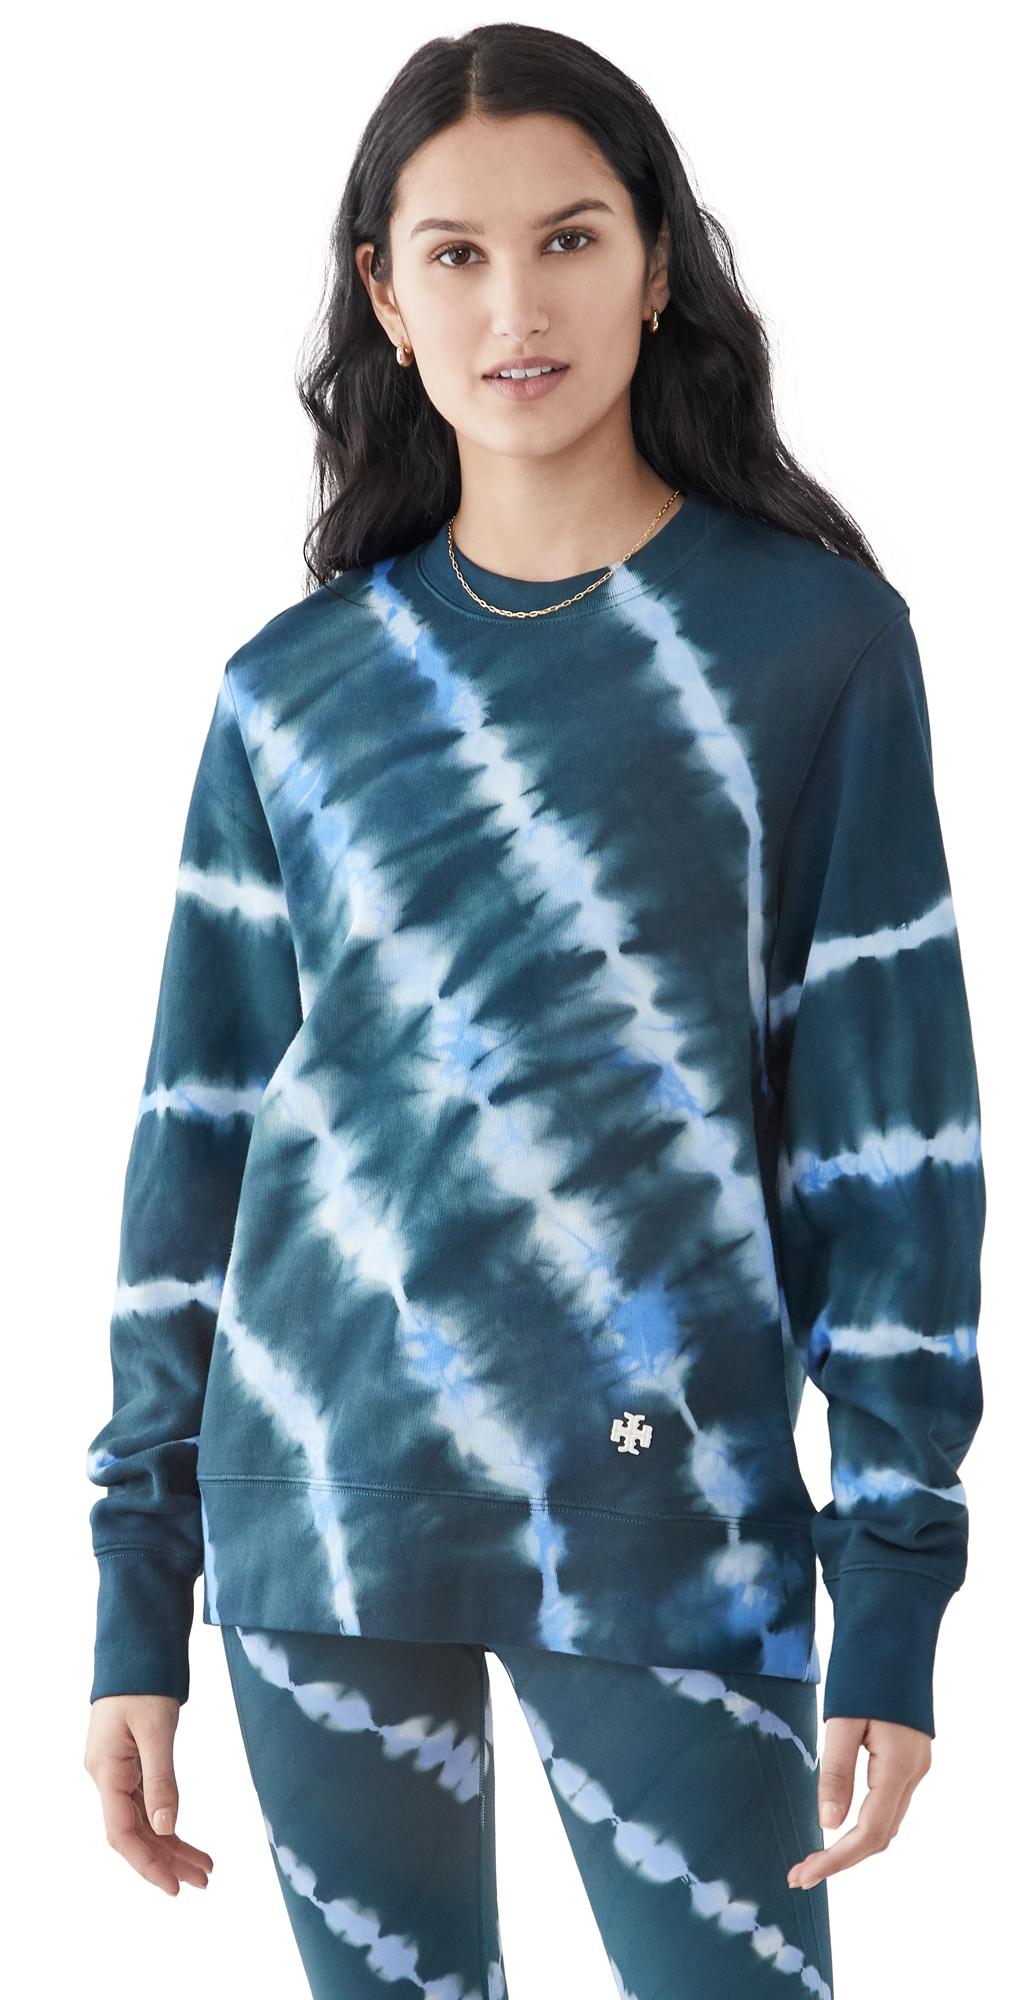 Tory Sport Tie Dye Pullover